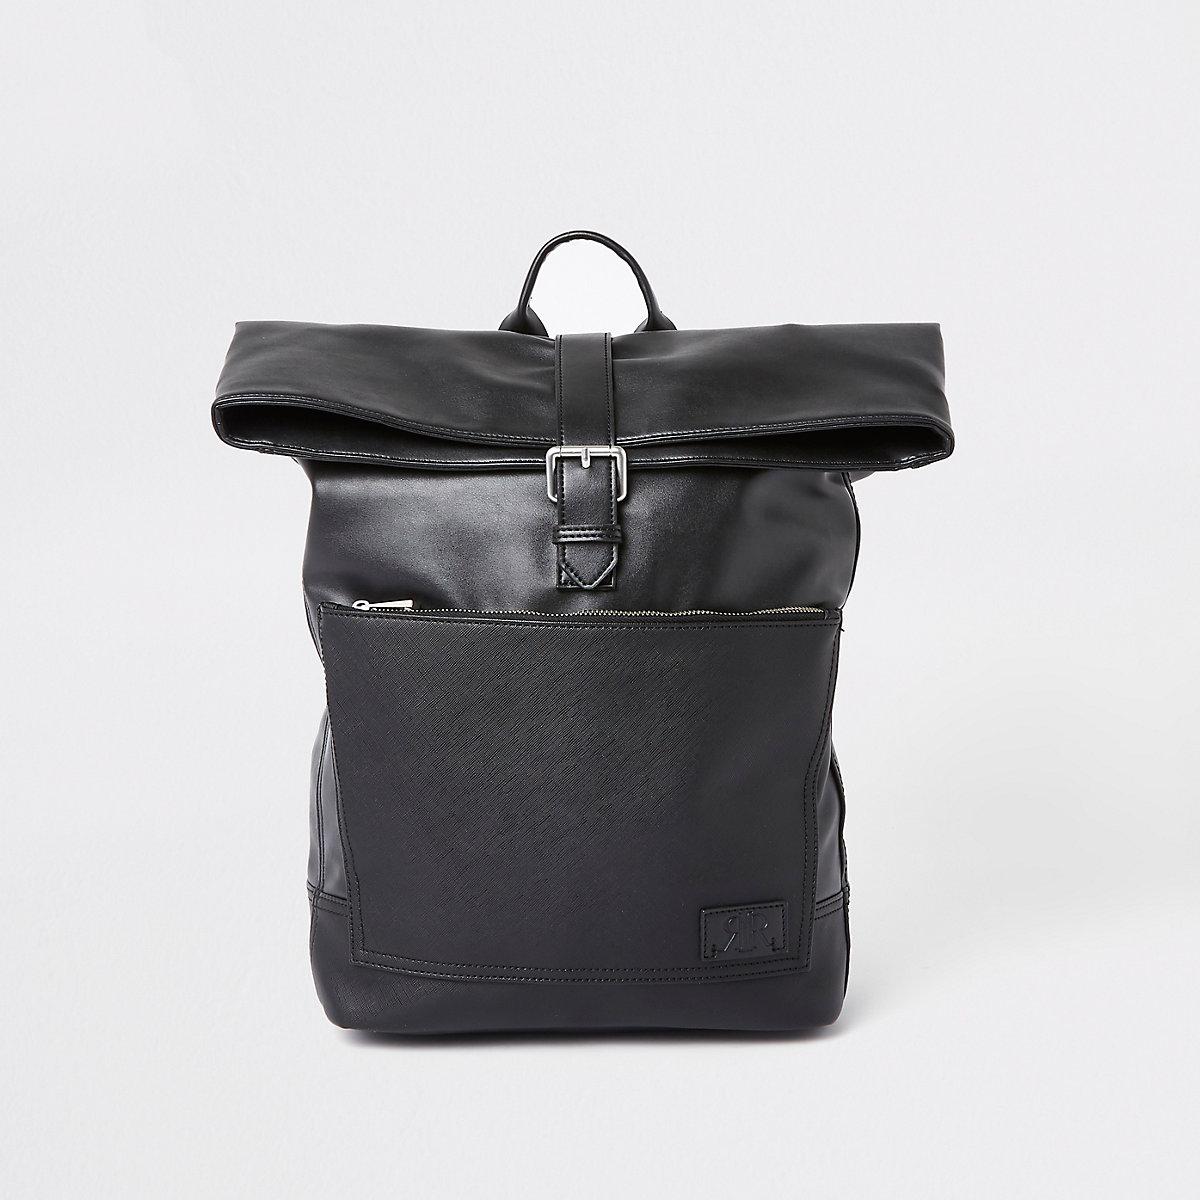 8b9362e0d0 Black roll top rucksack - Backpacks   Rucksacks - Bags - men